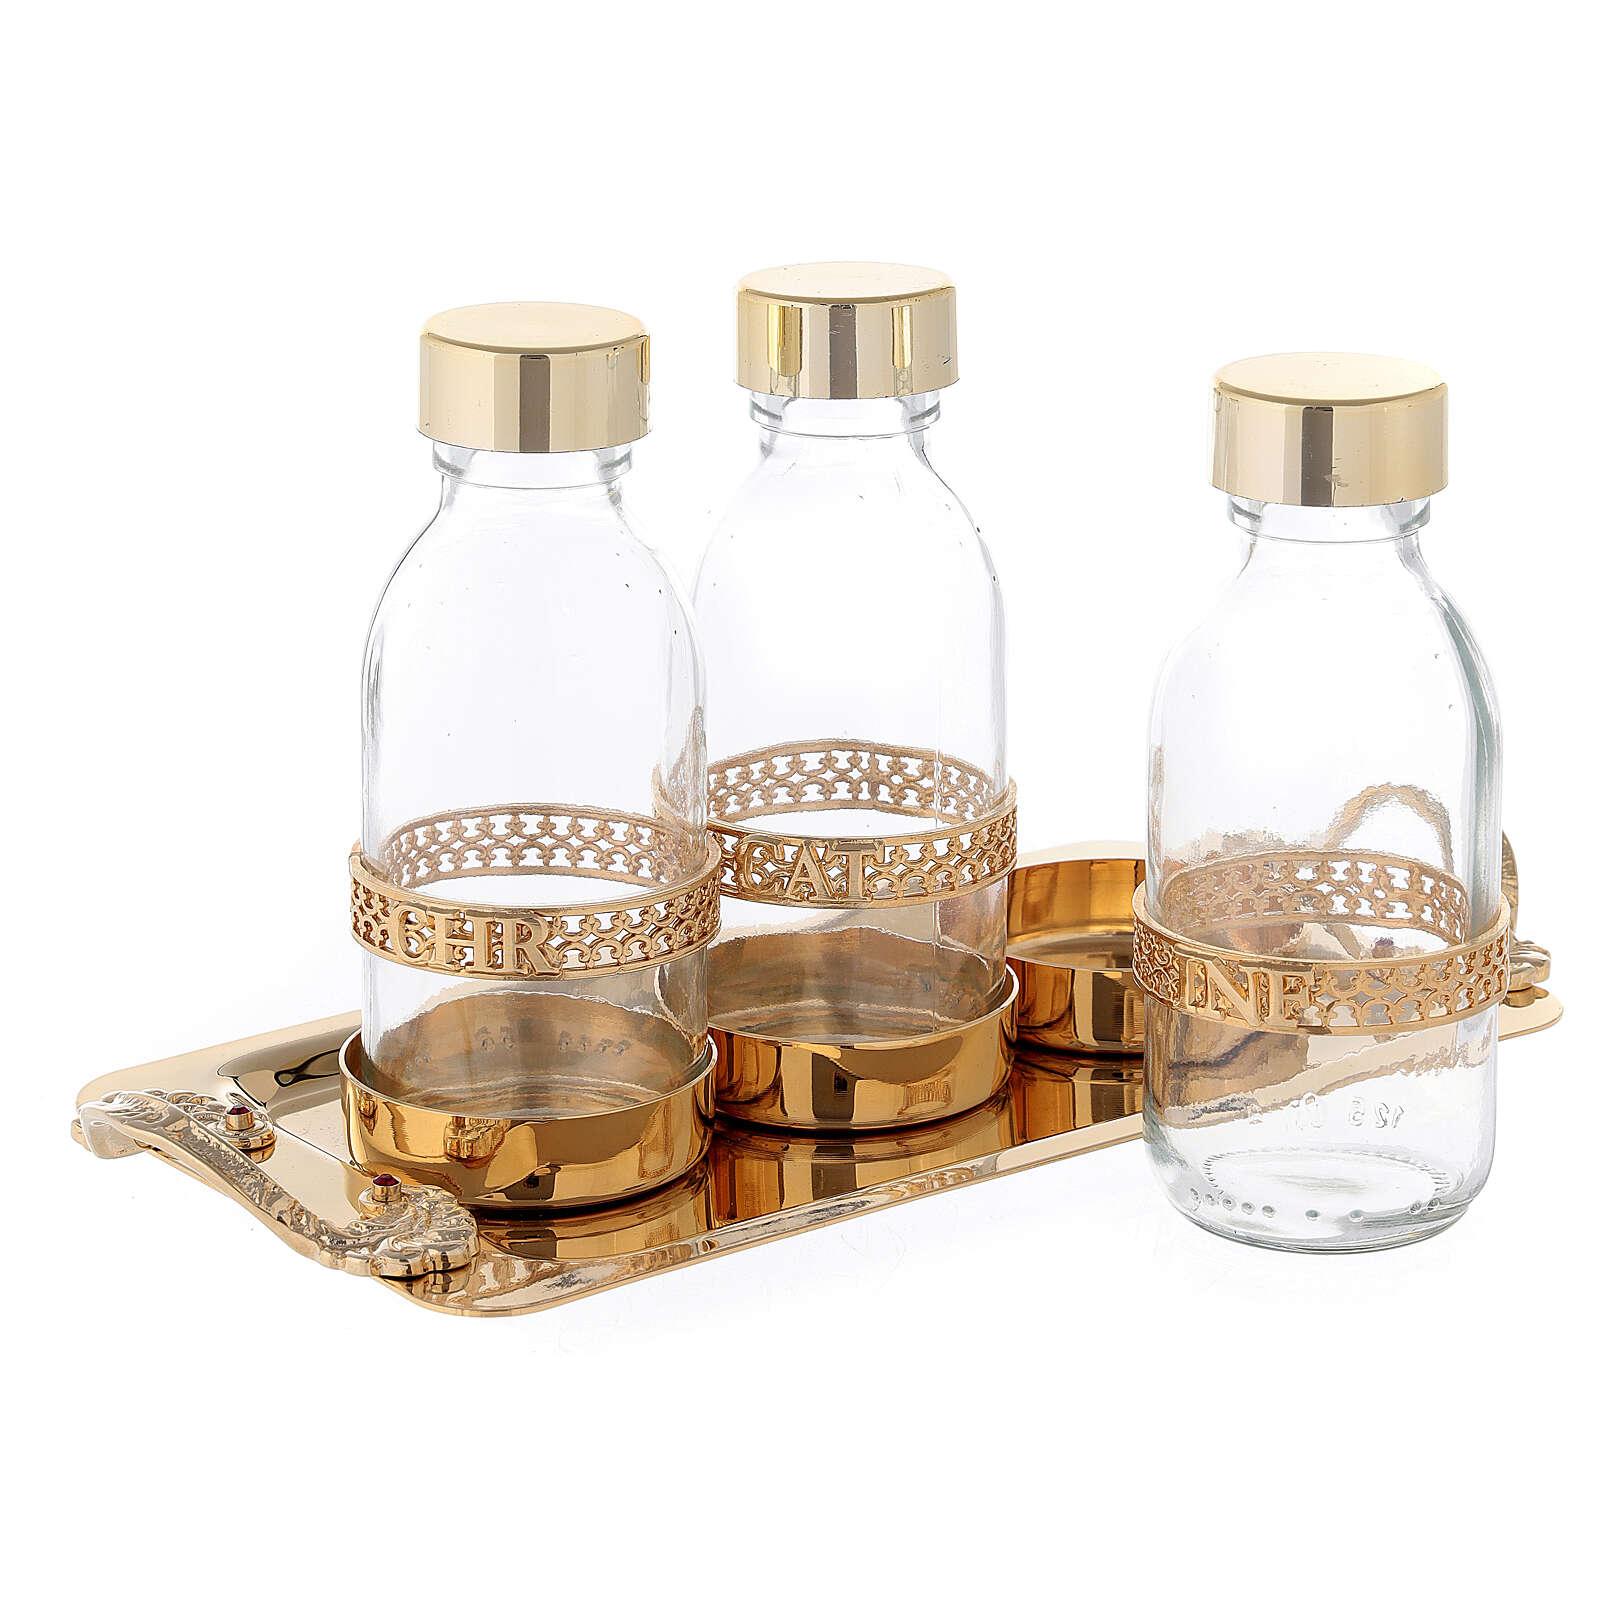 Holy oil set 24-karat gold plated brass 3